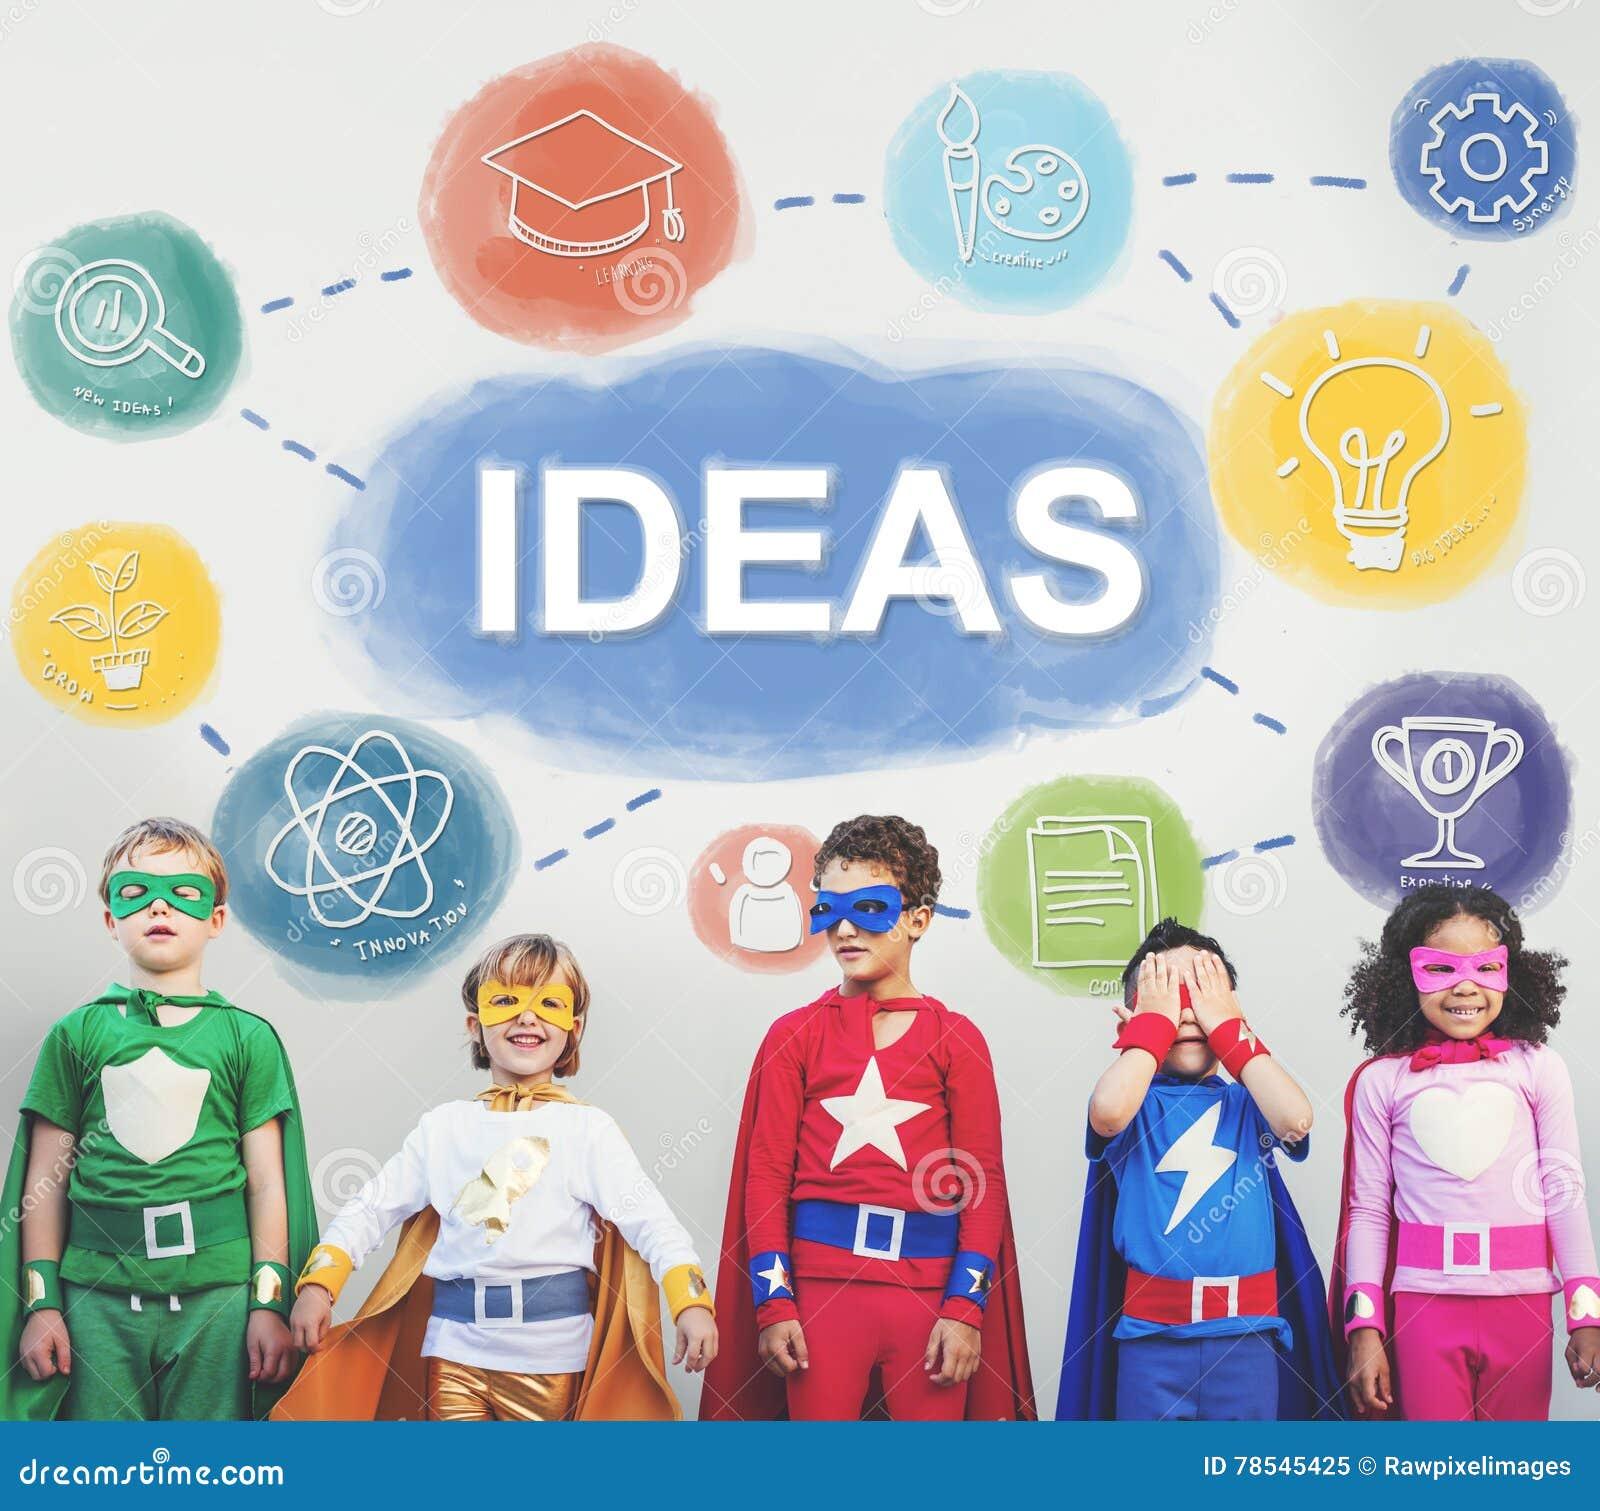 El conocimiento del intercambio de ideas creativo se imagina para pensar concepto